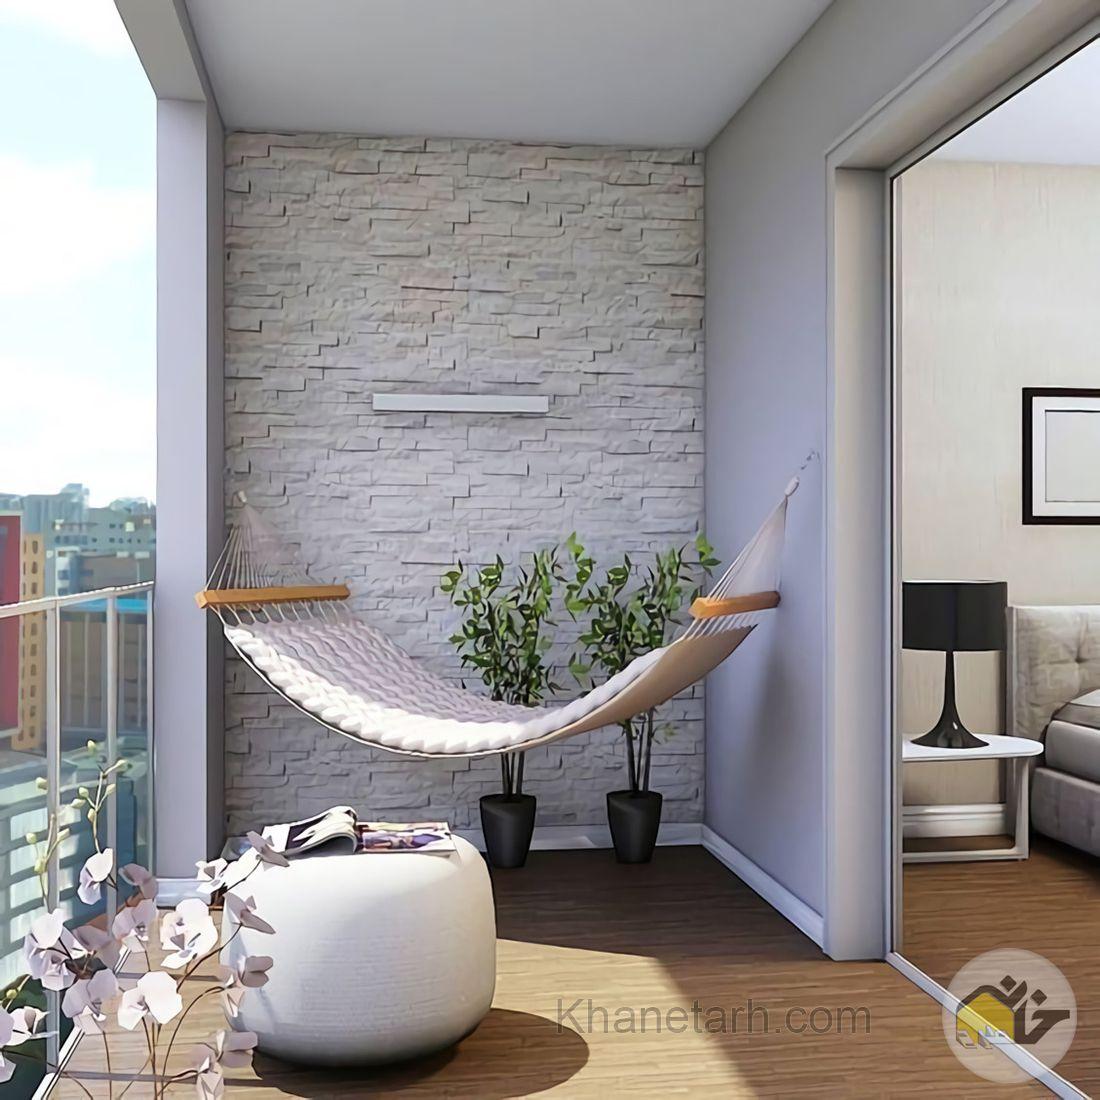 طراحی بالکن آپارتمان